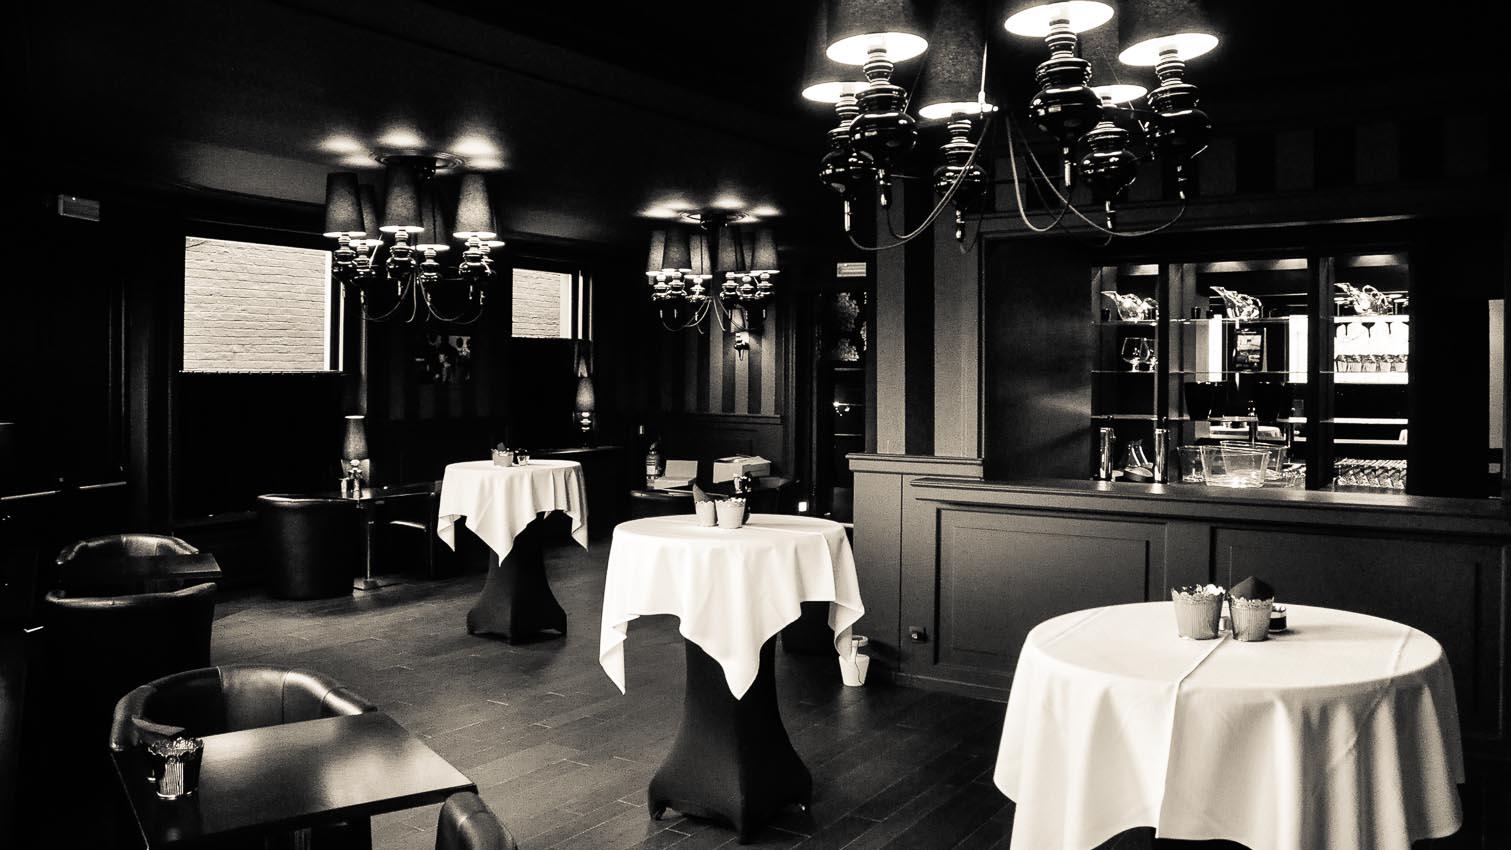 31-cafe-bar-resto-nightclub-decors-film-cinema-photo-belgium-bruxelles